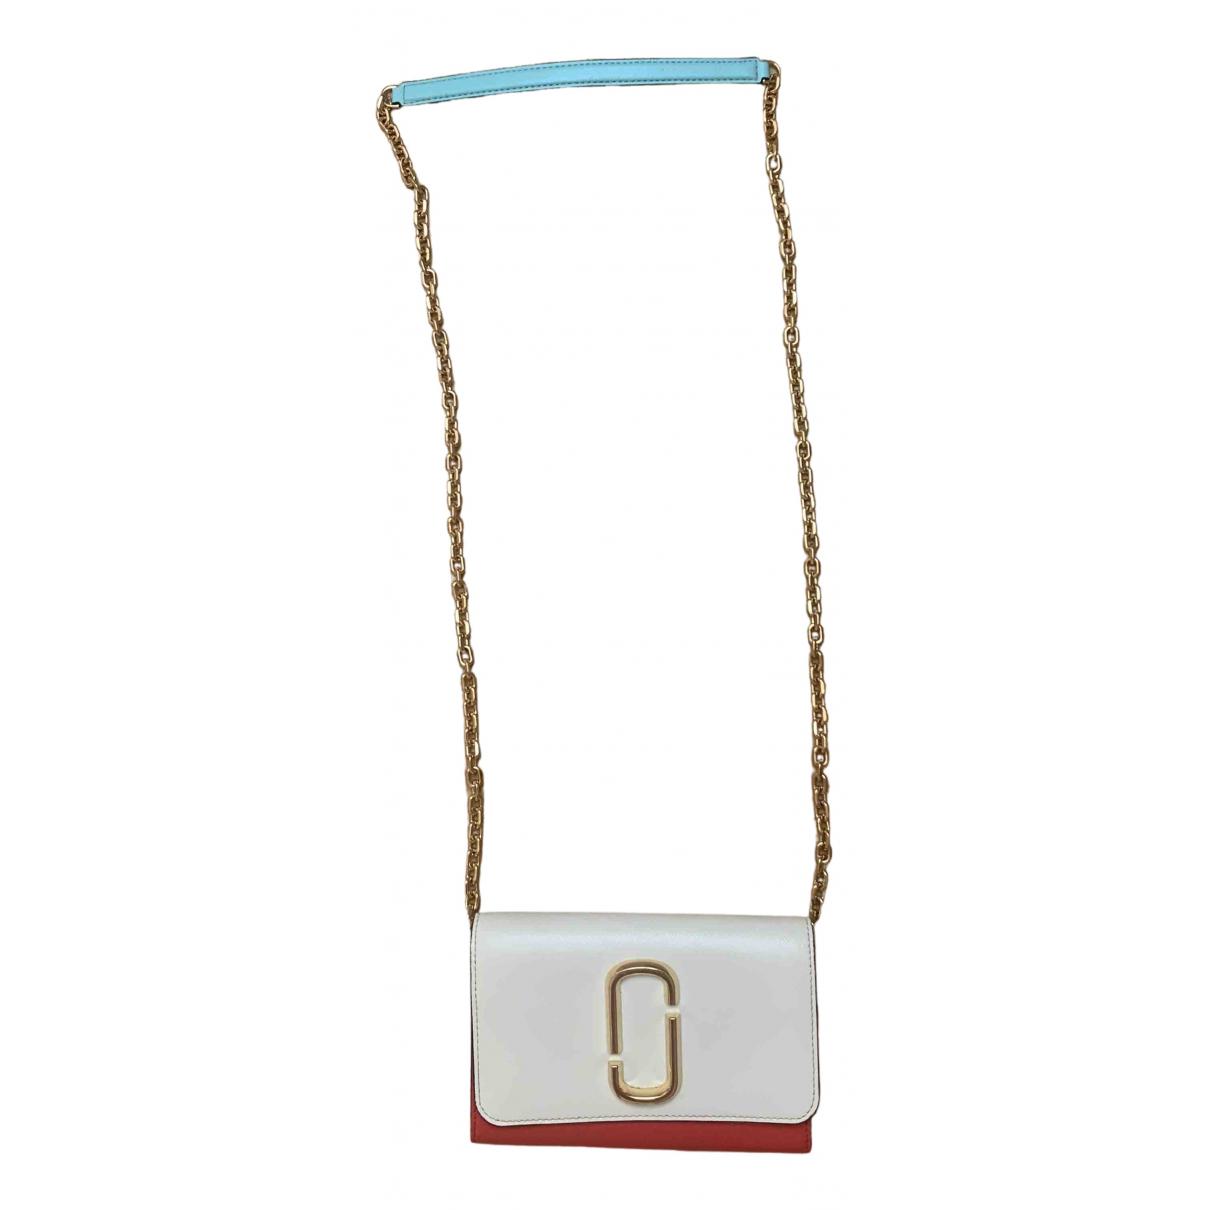 Marc Jacobs - Pochette Snapshot pour femme en cuir - multicolore